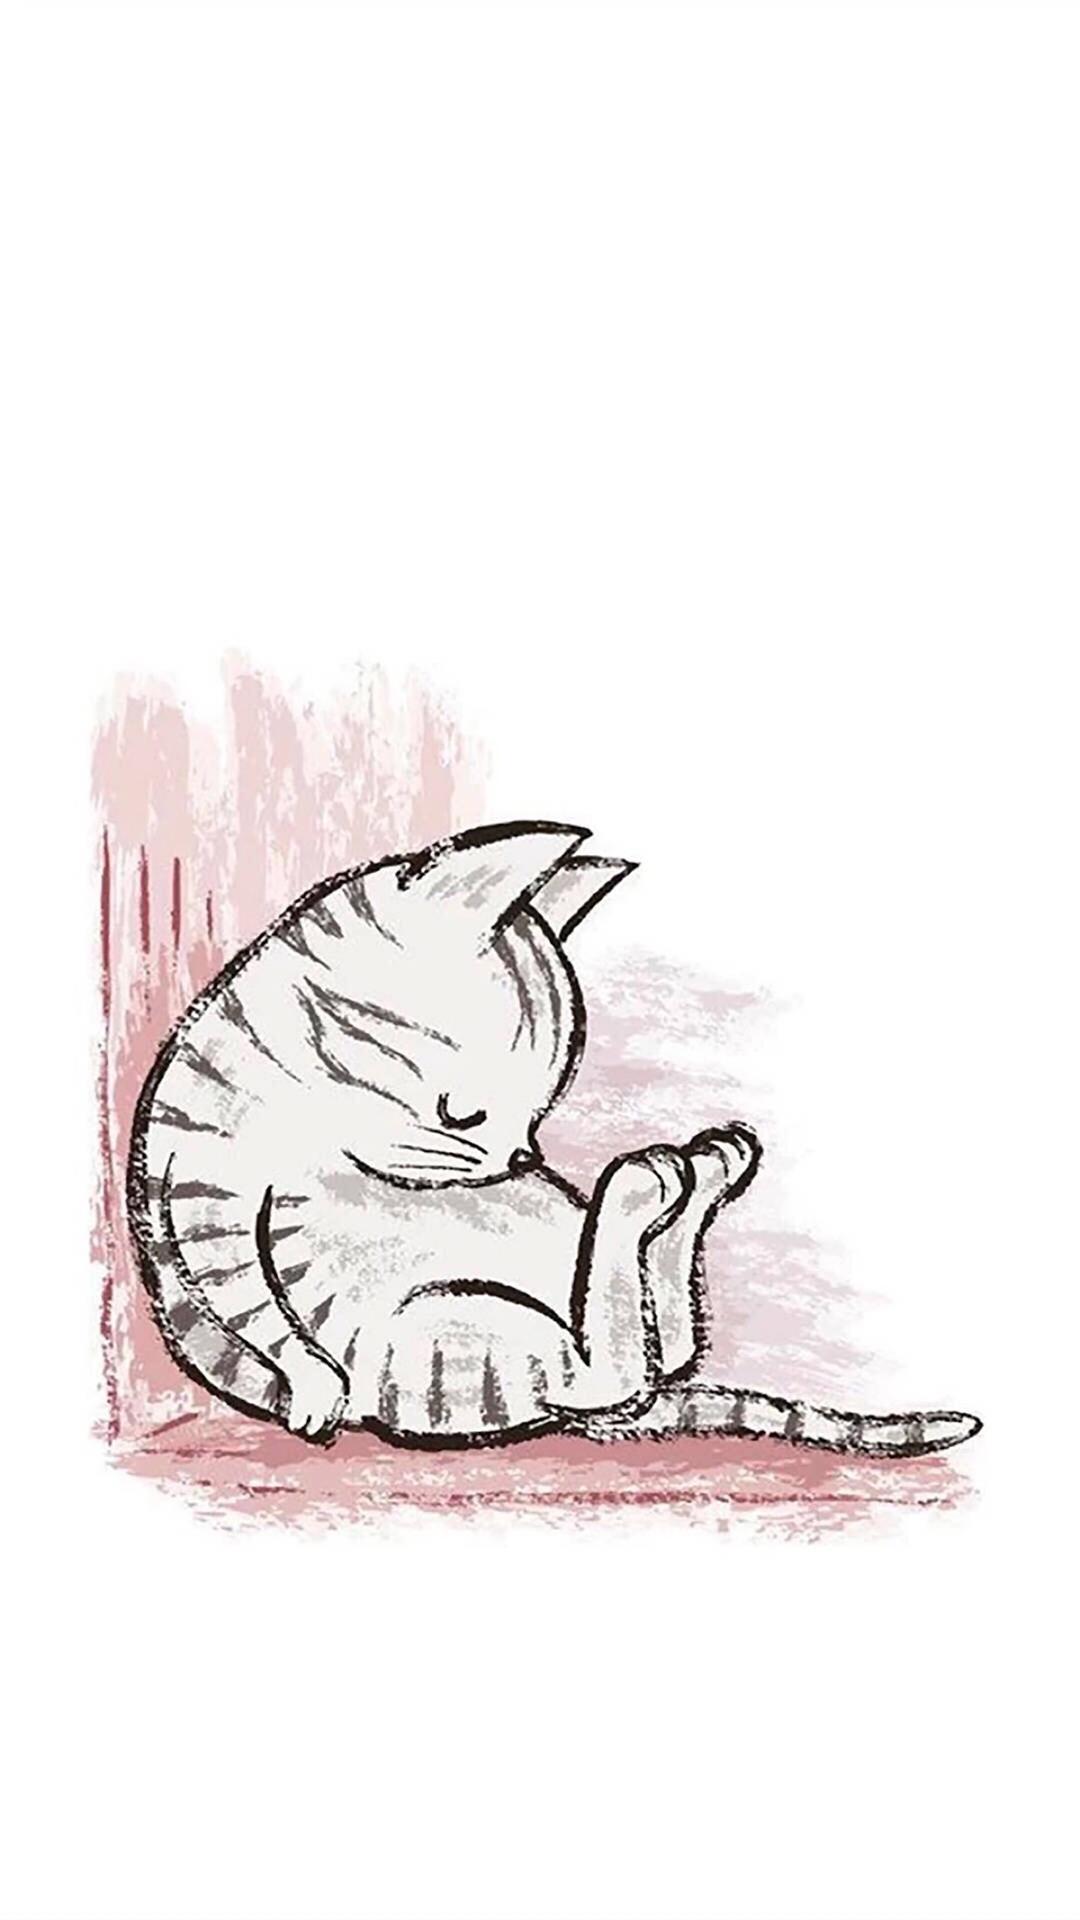 卡通 猫 平铺 可爱 苹果手机高清壁纸 1080x1920 爱思助手